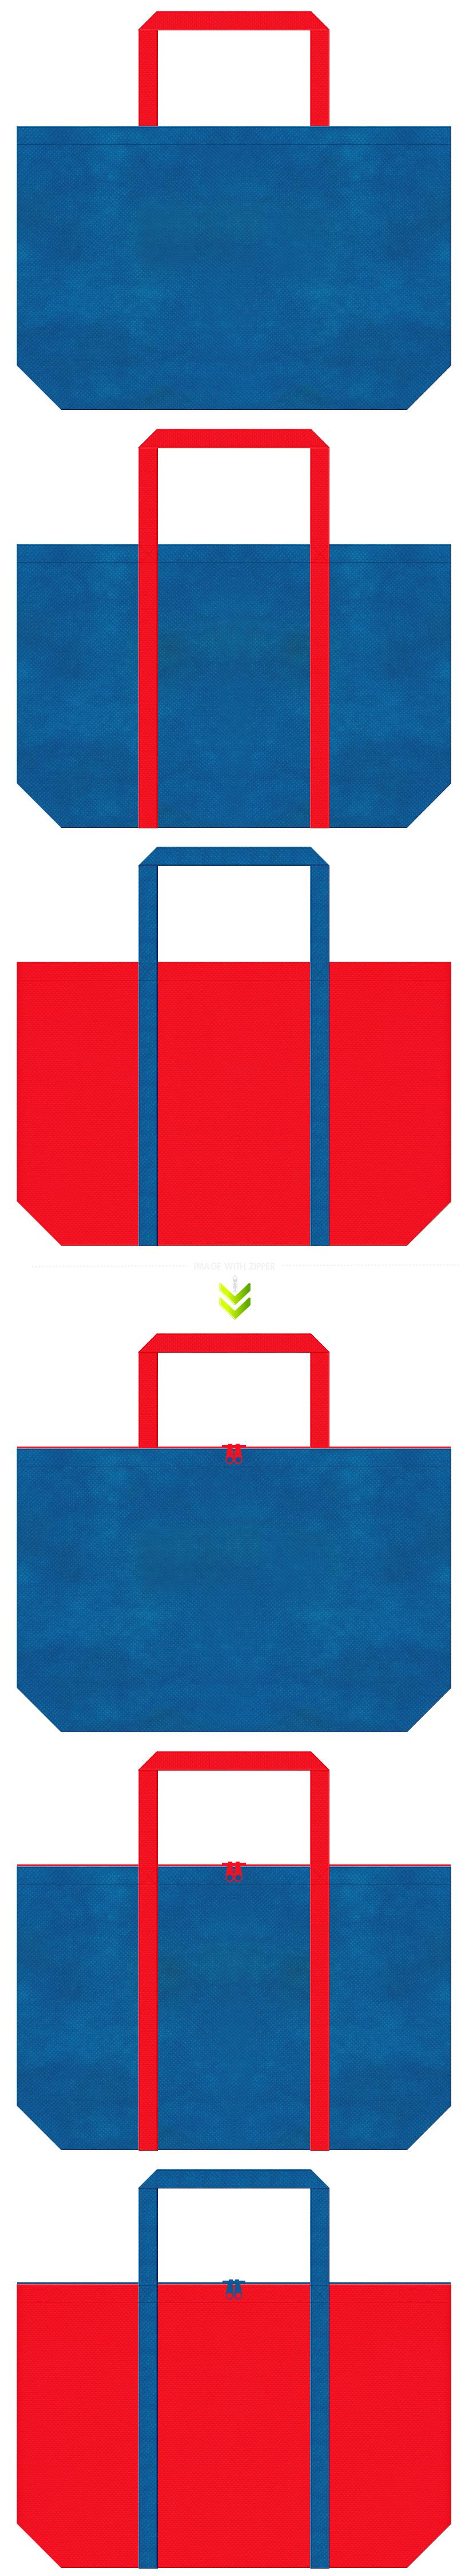 青色と赤色の不織布エコバッグのデザイン。テーマパーク・おもちゃ・キッズのイメージにお奨めの配色です。